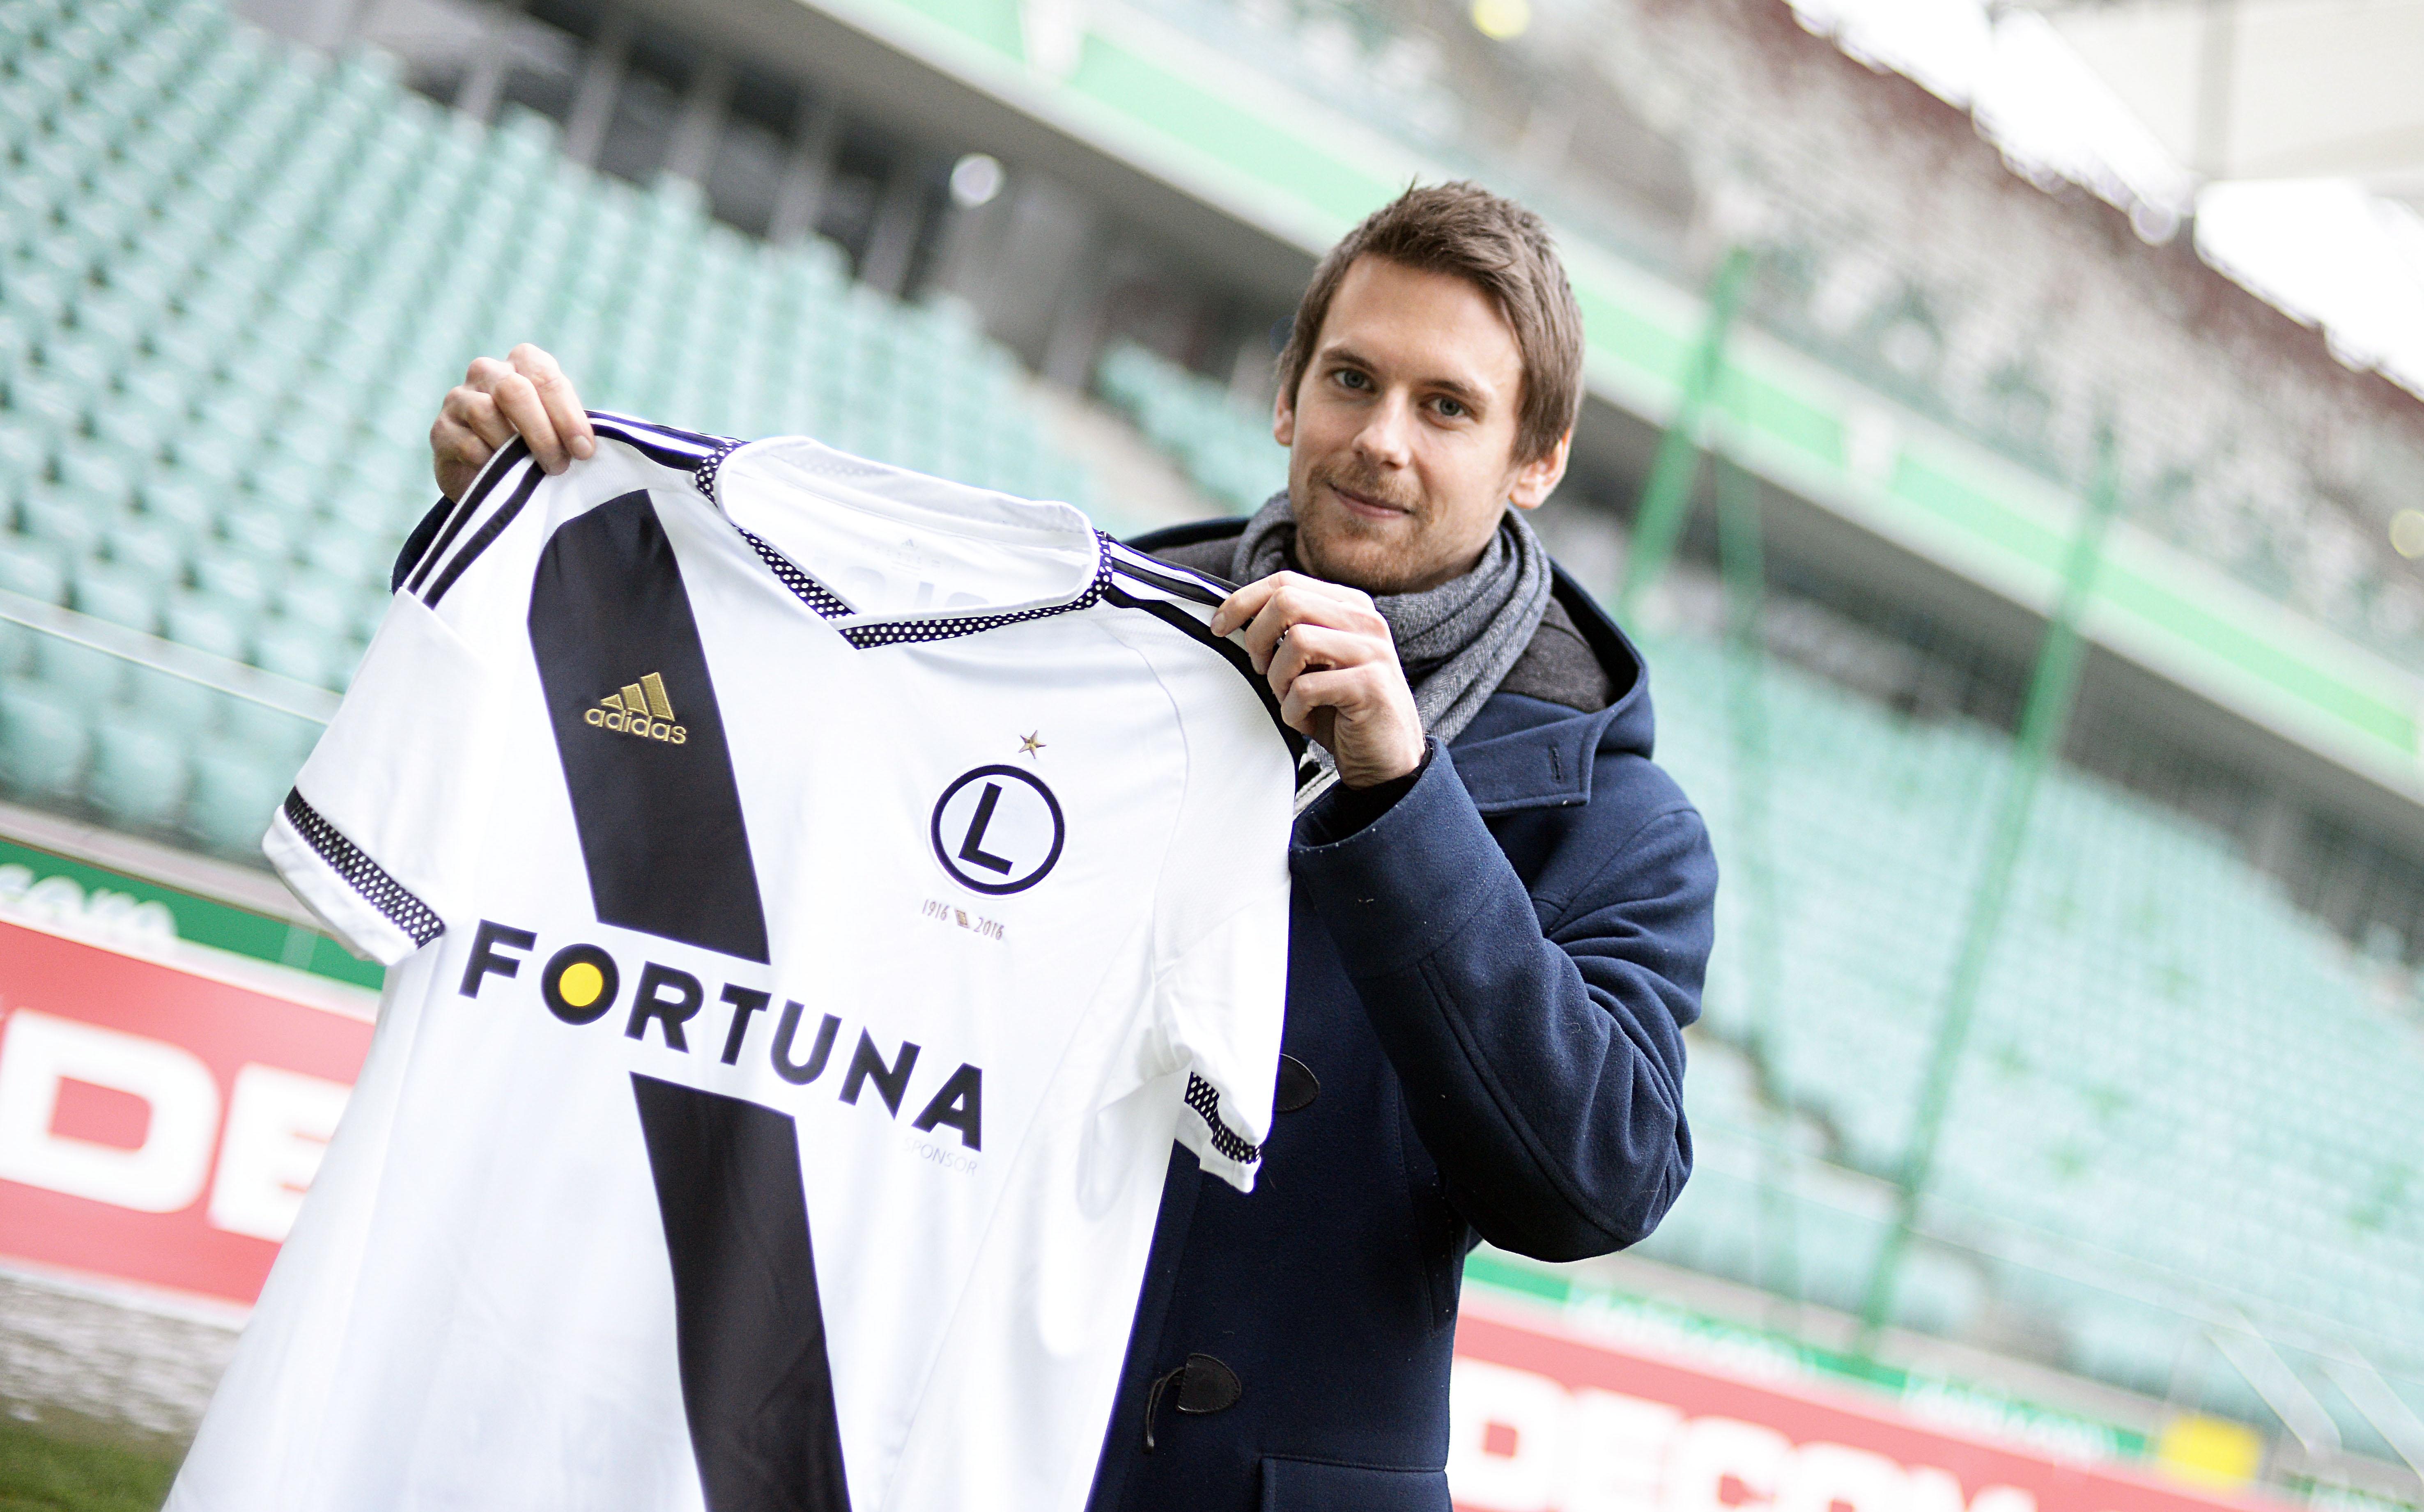 Źródło: Legia.com / Foto: Jacek Prondzynski